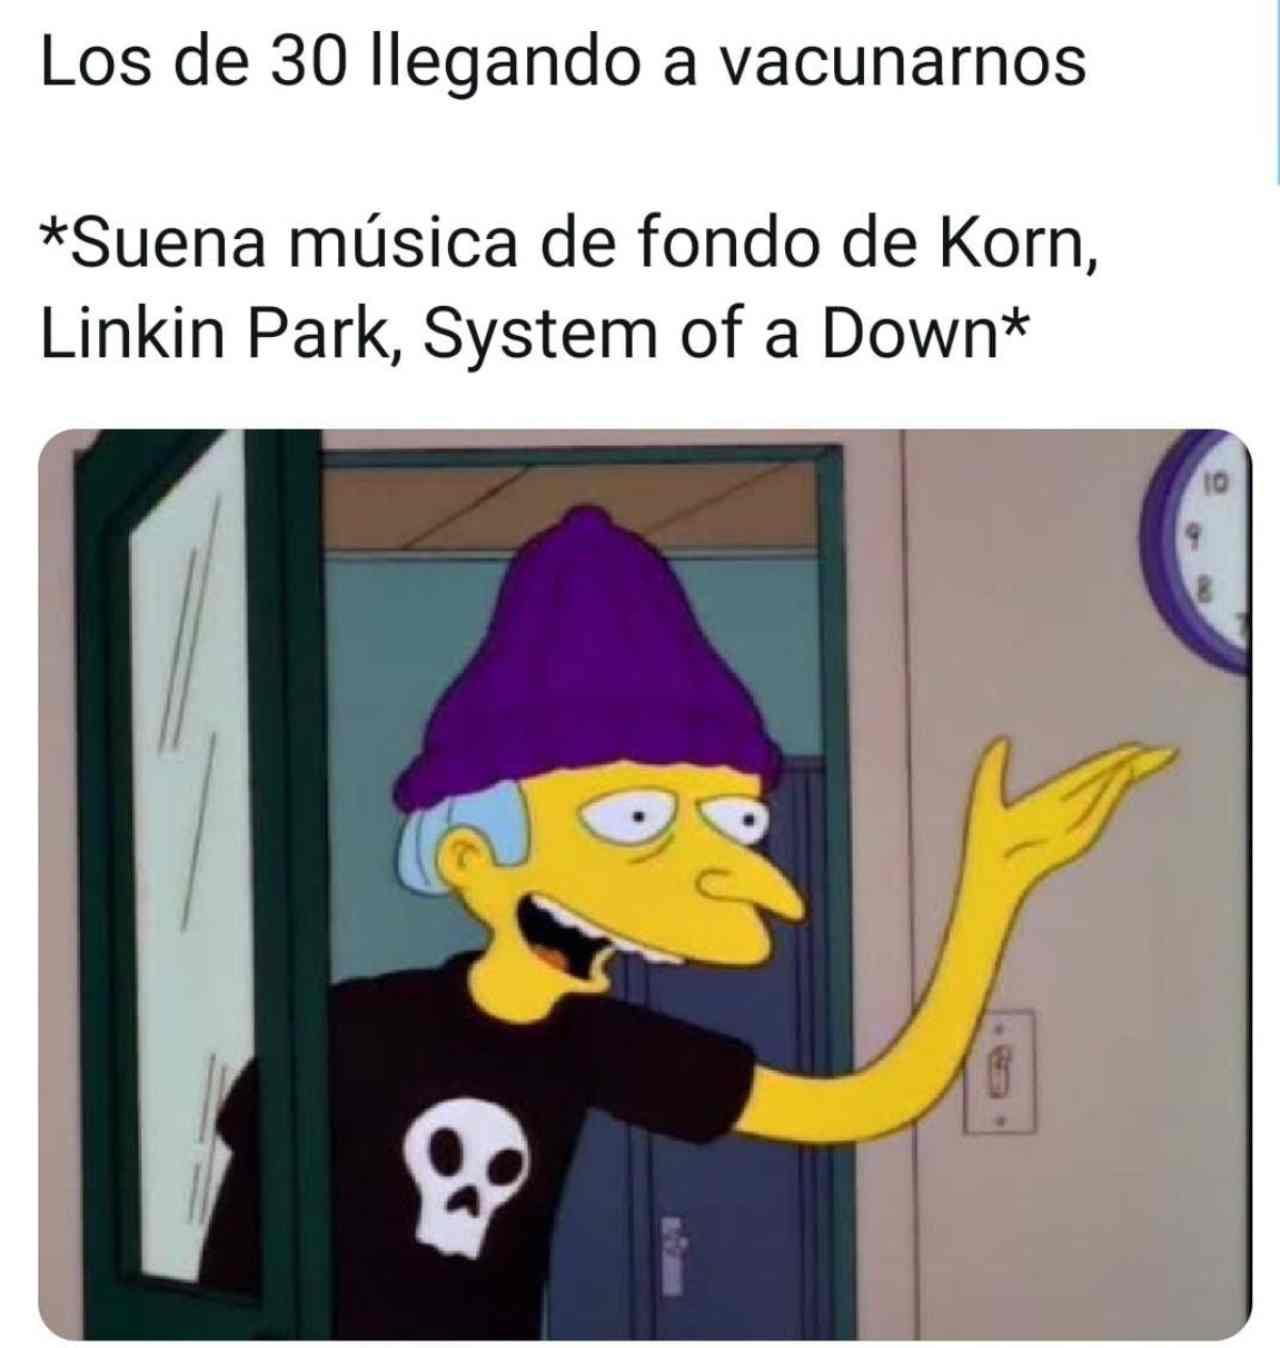 *Suena OV7*